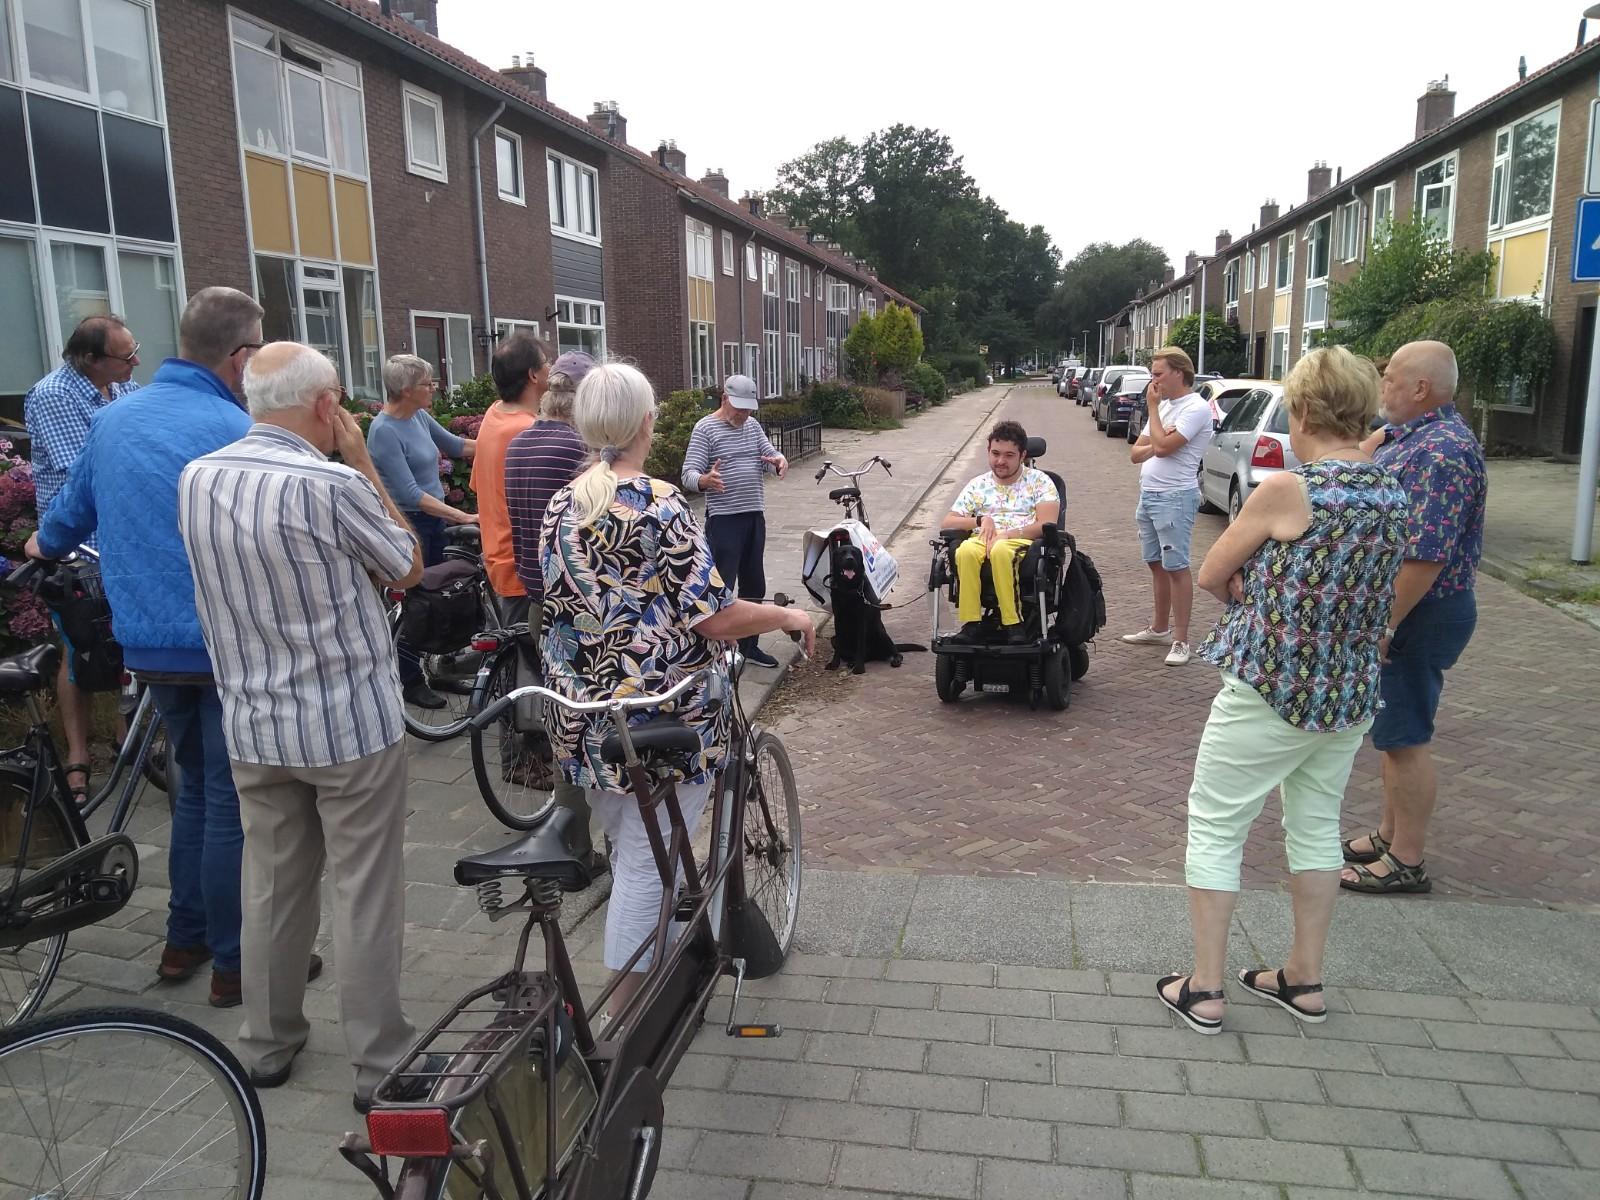 https://hengelo.sp.nl/nieuws/2021/08/langs-veel-plekken-waar-bewoners-samen-wat-bereikt-hebben